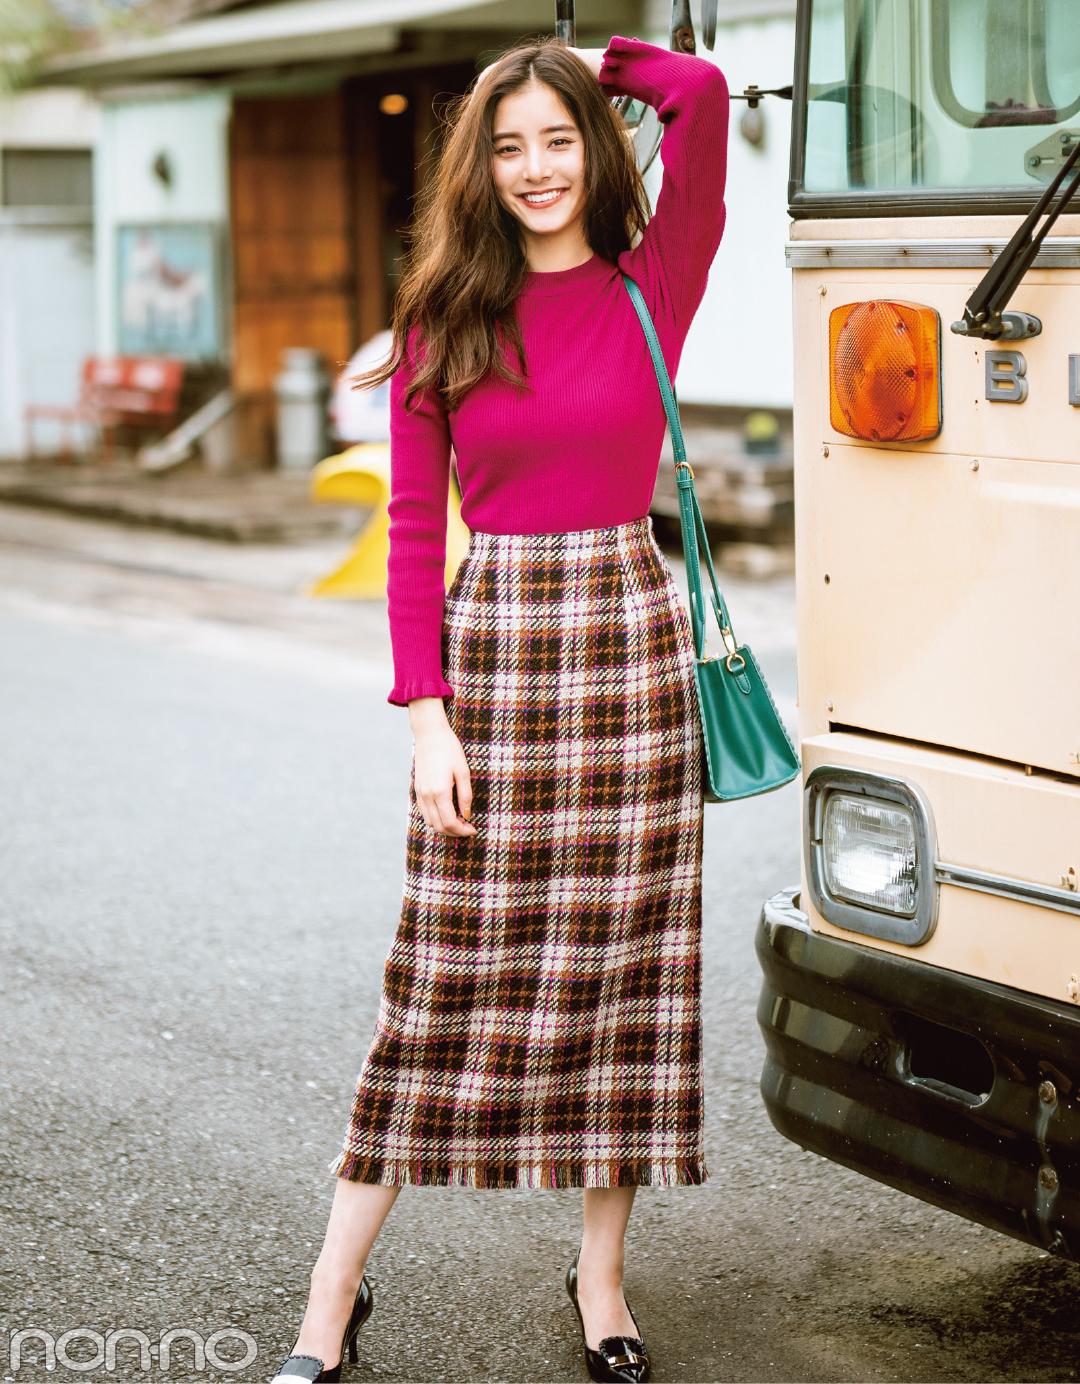 優愛も優子も七瀬も♡ 今すぐ着られる秋服、大本命のチェックアイテムはコレ!_1_5